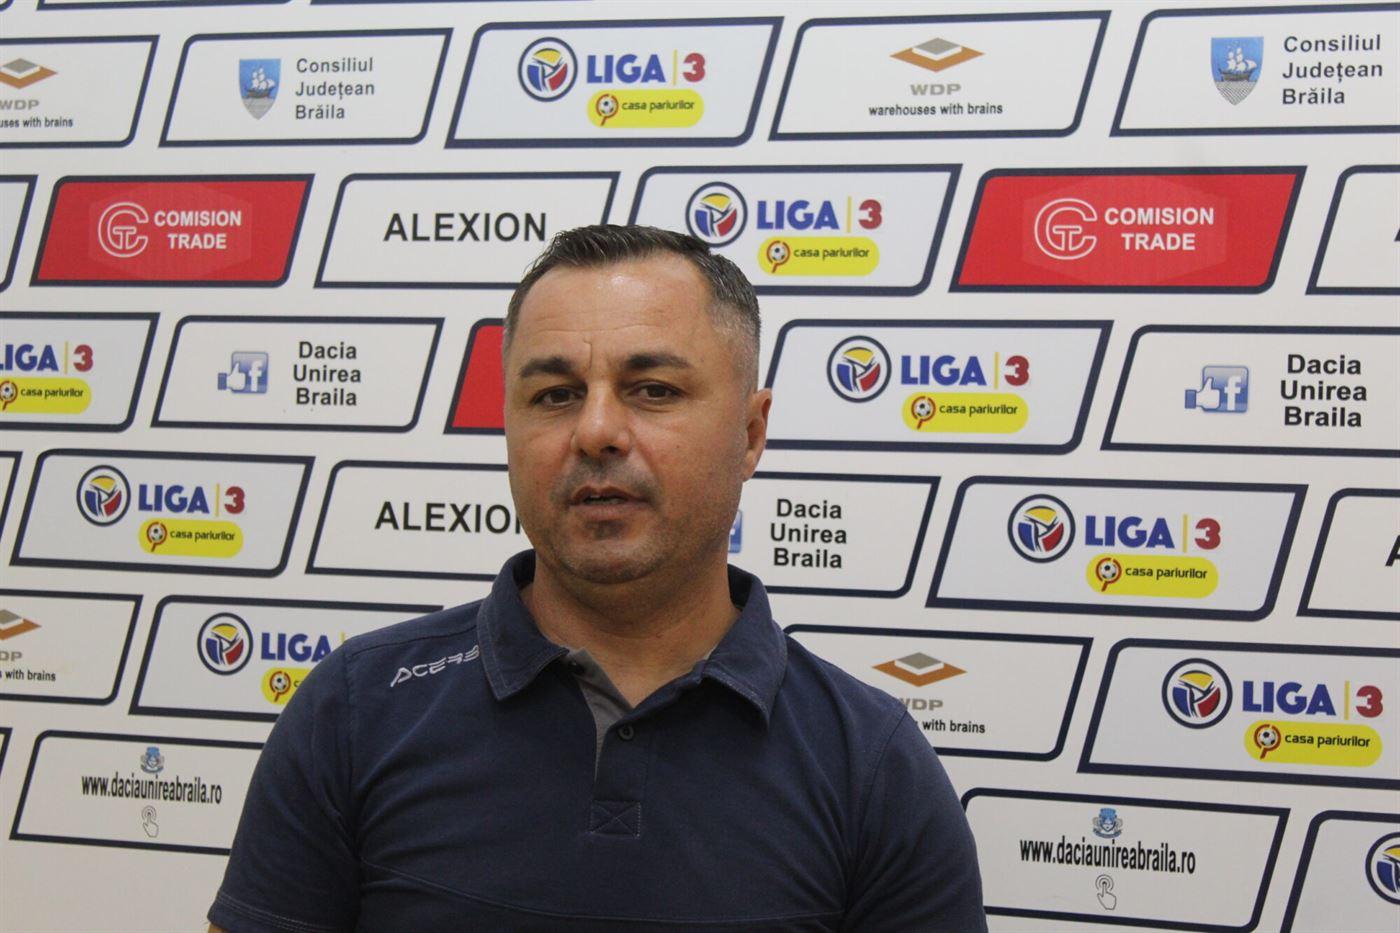 Dacia Unirea Brăila pregătită pentru startul noului sezon de Liga a 3-a